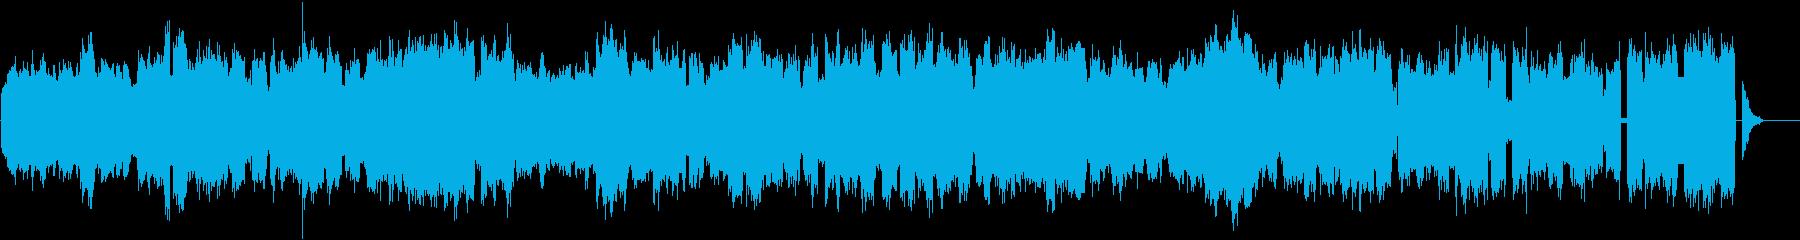 ドローン フリーズ01の再生済みの波形